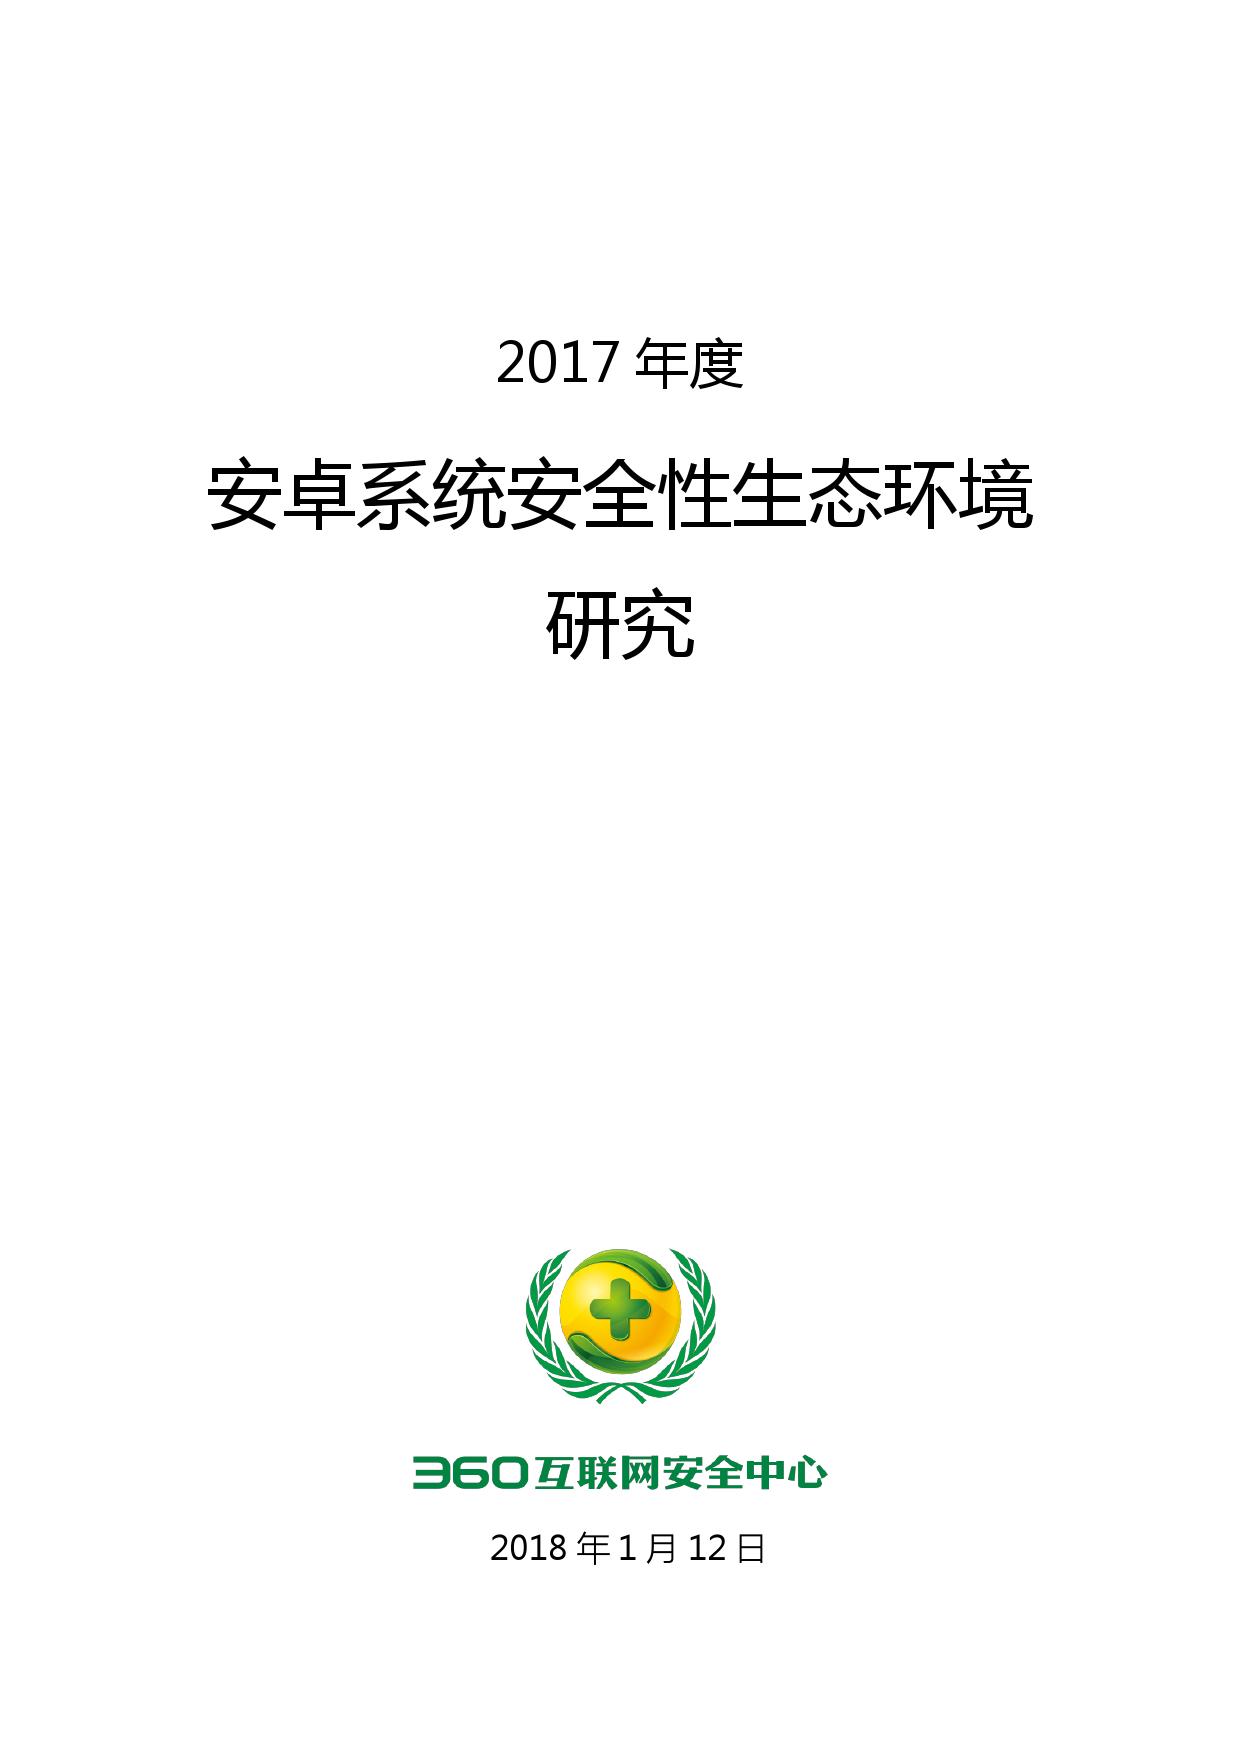 360:2017年度安卓系统安全性生态环境研究(附下载)